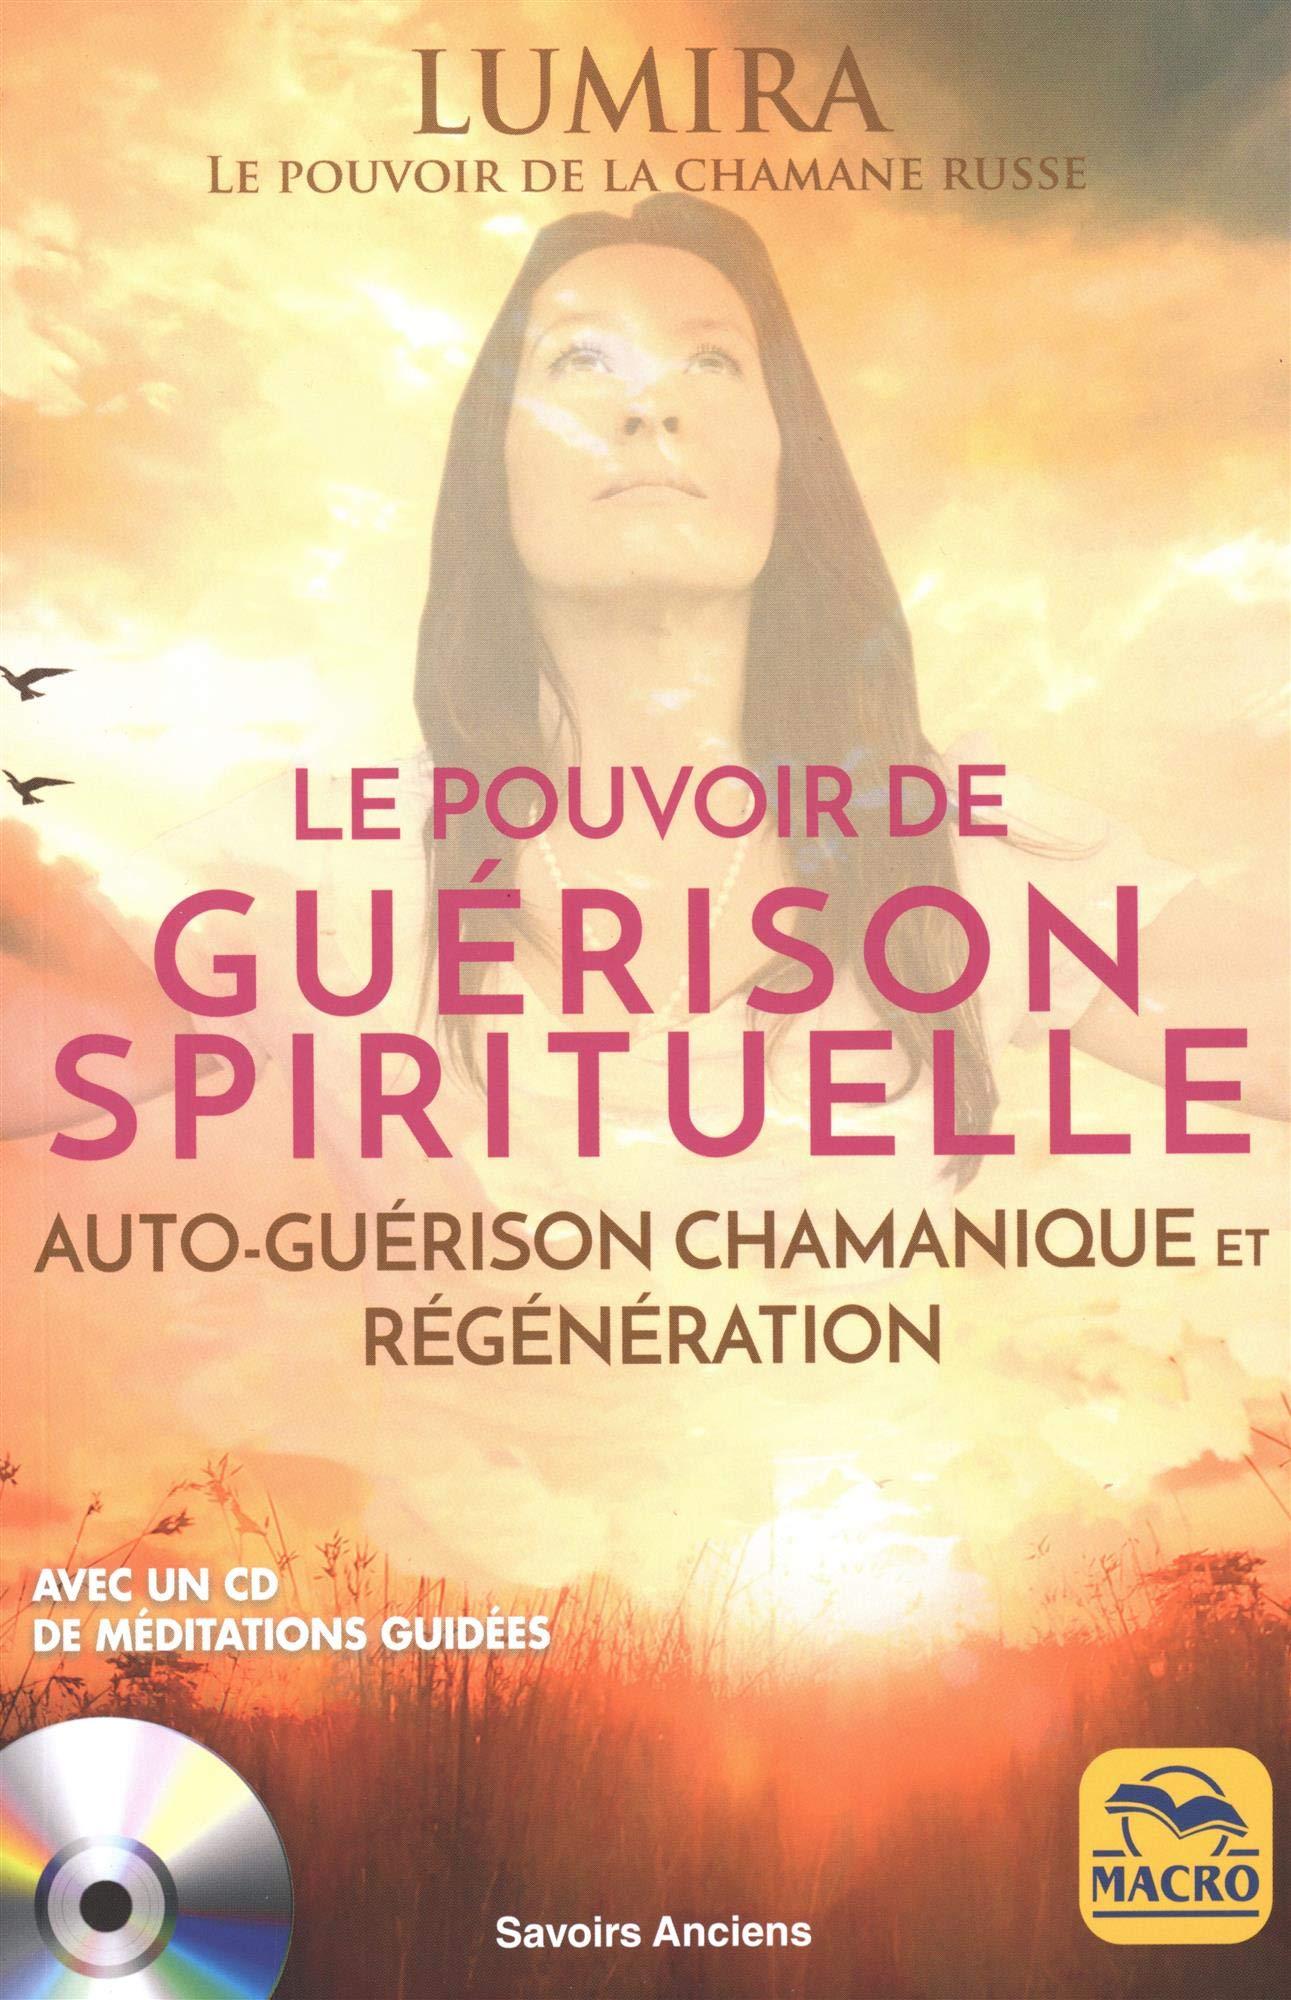 Le pouvoir de guérison spirituelle: Auto-guérison chamanique et régénération. Avec Un CD de méditations guidées por Lumira